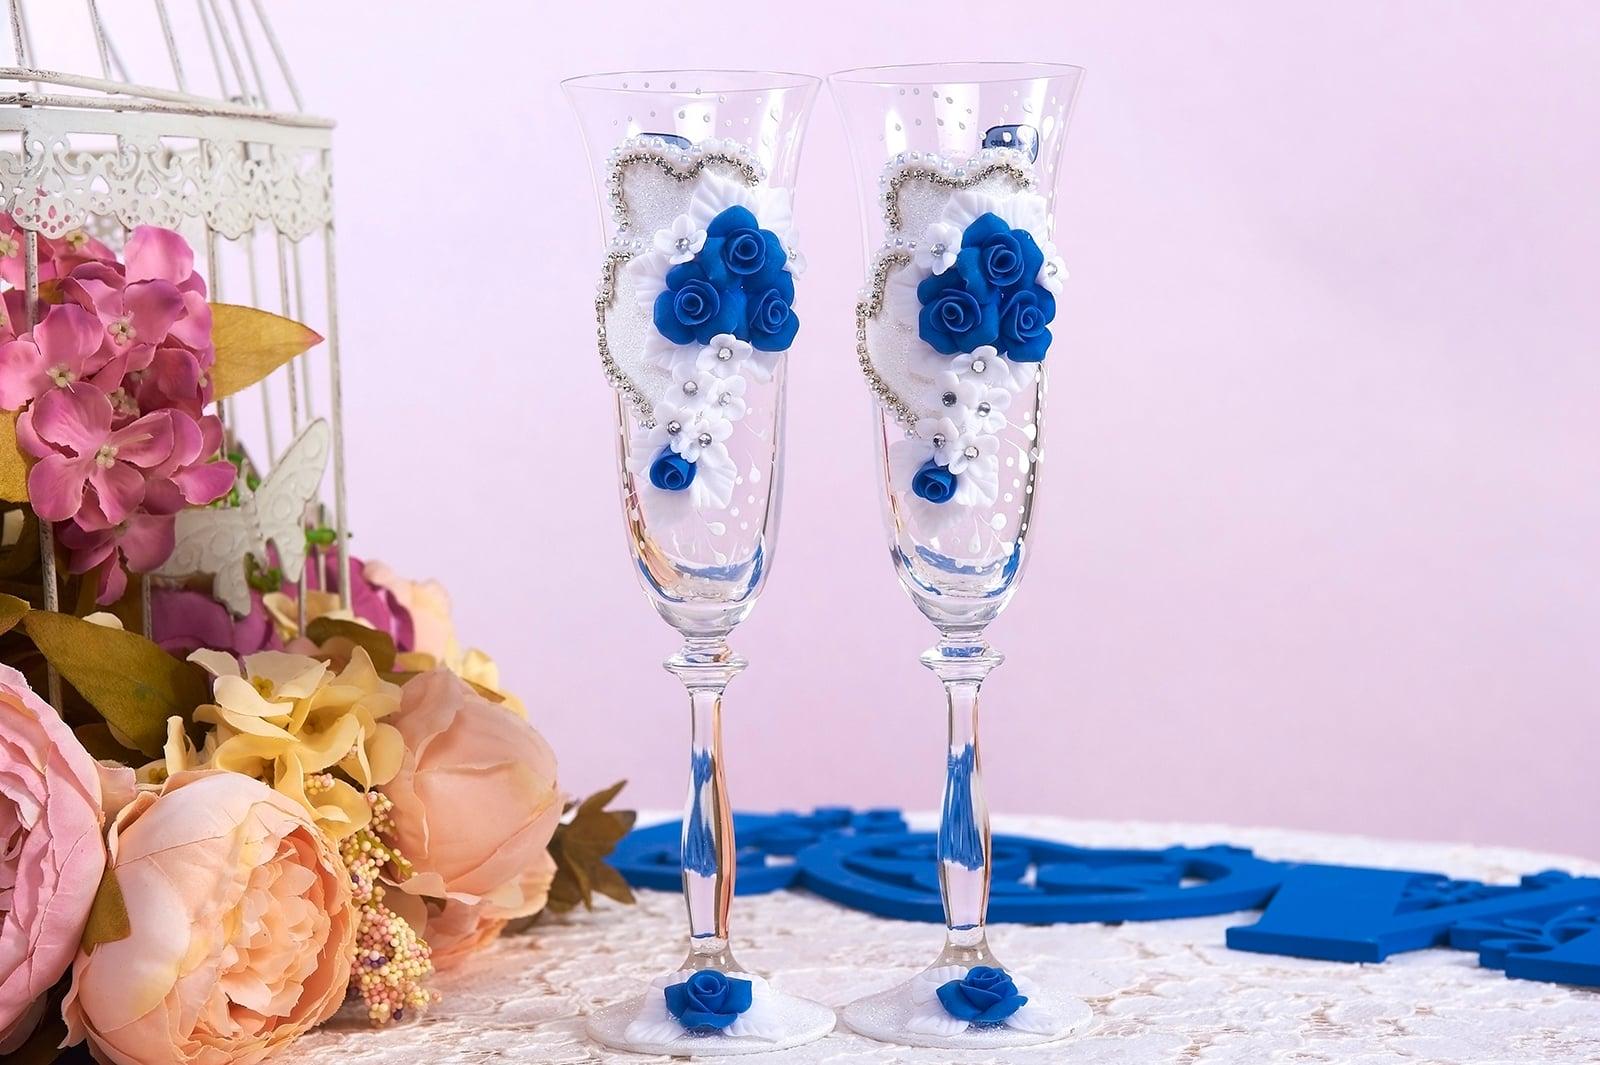 Свадебные фужеры из прозрачного стекла с эффектным бело-синим декором.